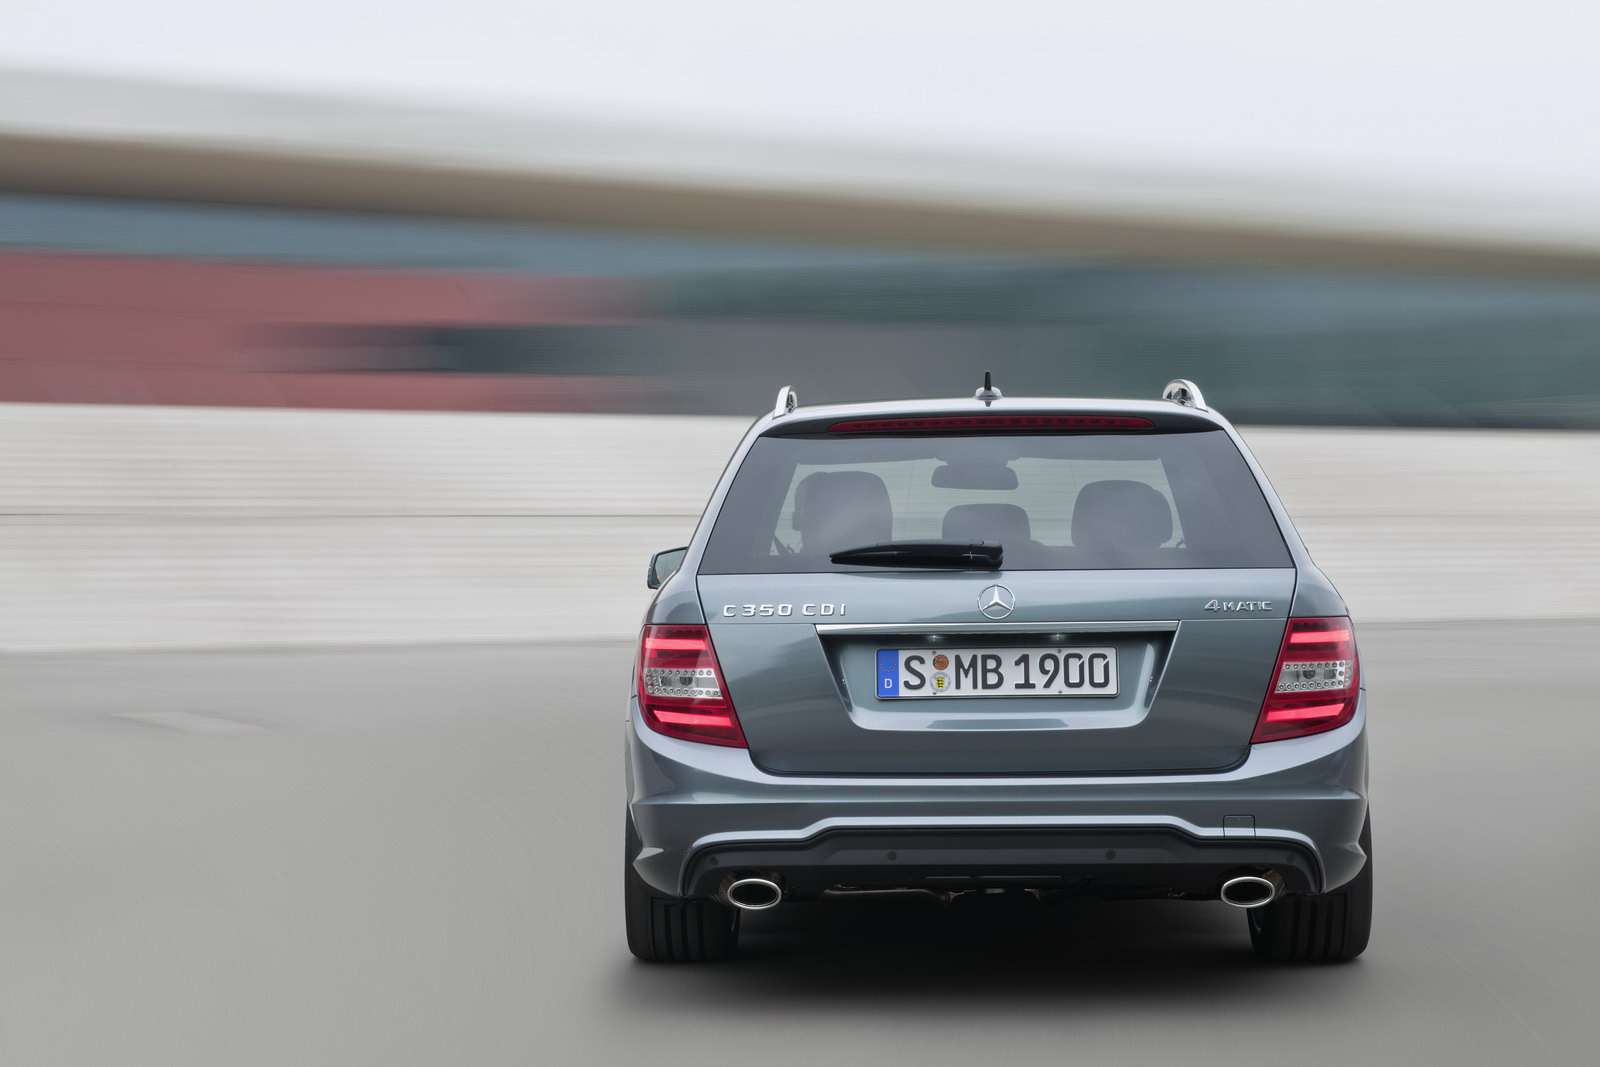 Mercedes C-klasa 2012 oficjalnie grudzien 2010